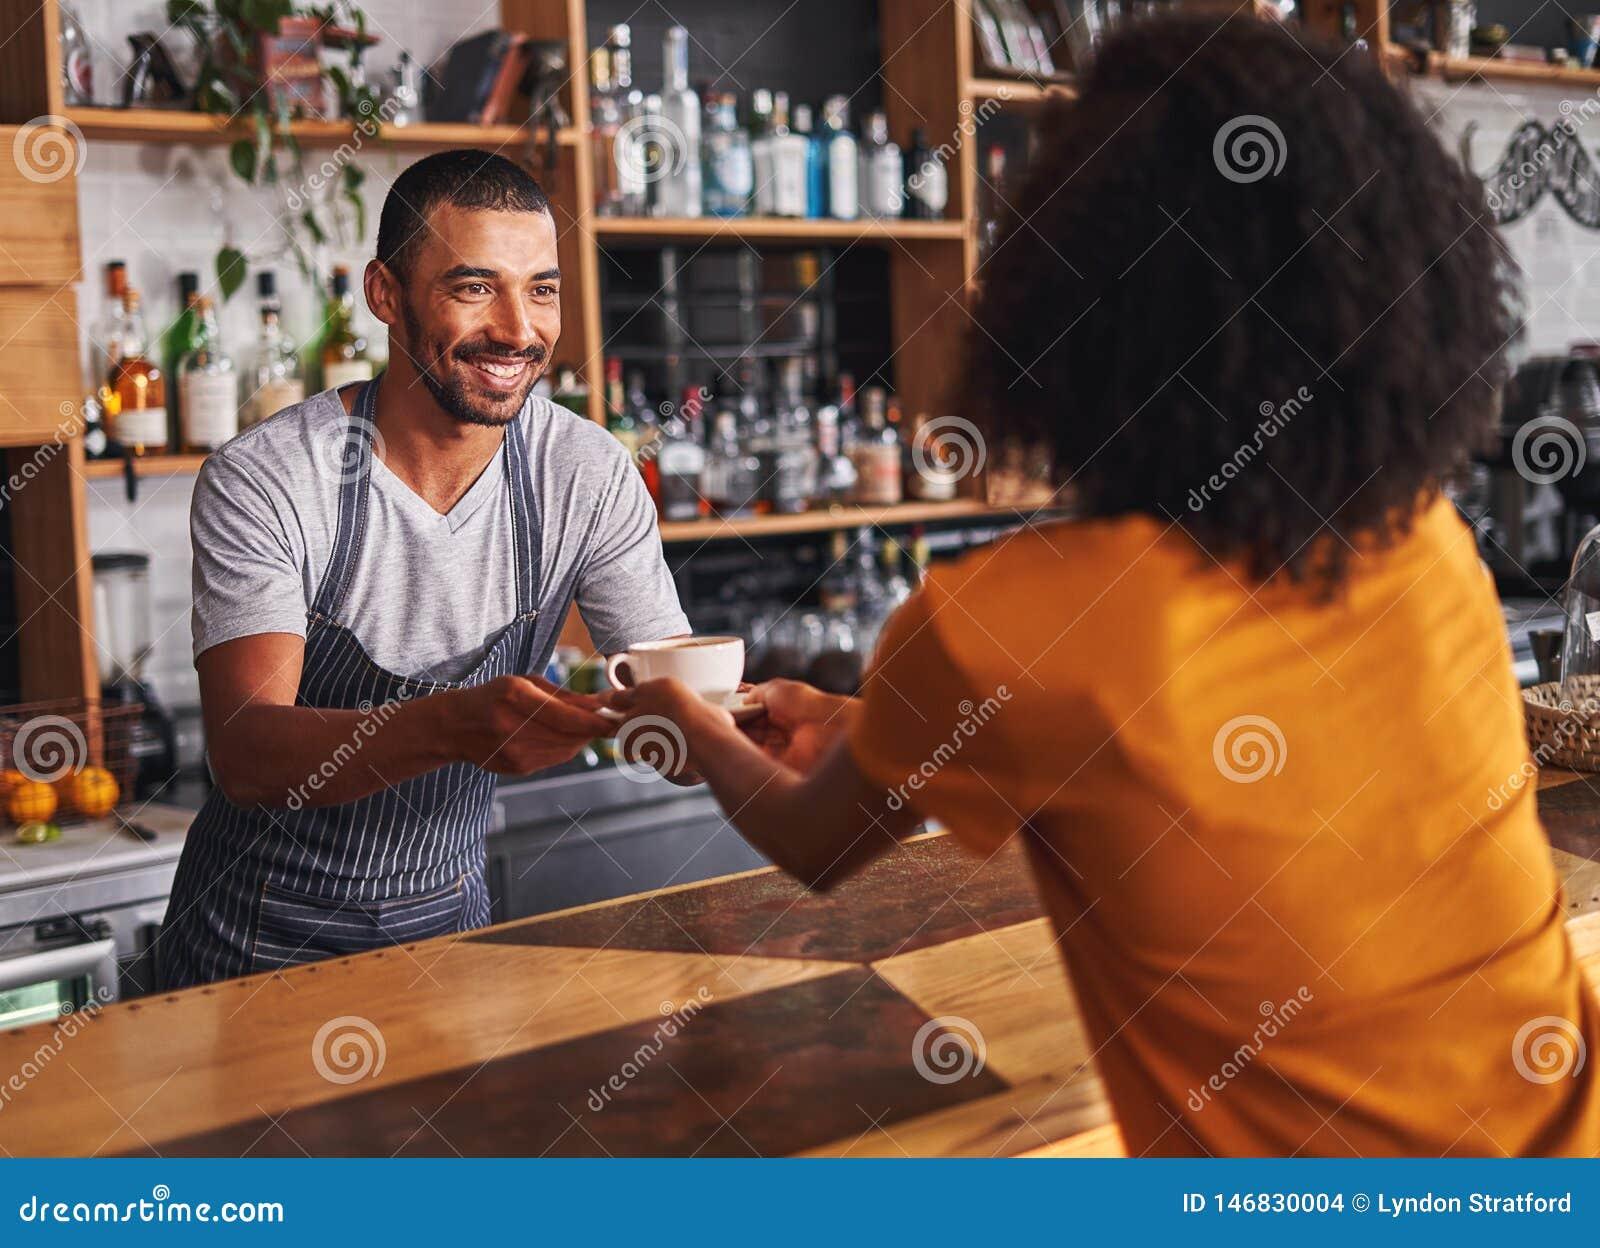 Il barista maschio serve la tazza di caffè al cliente femminile in caffè